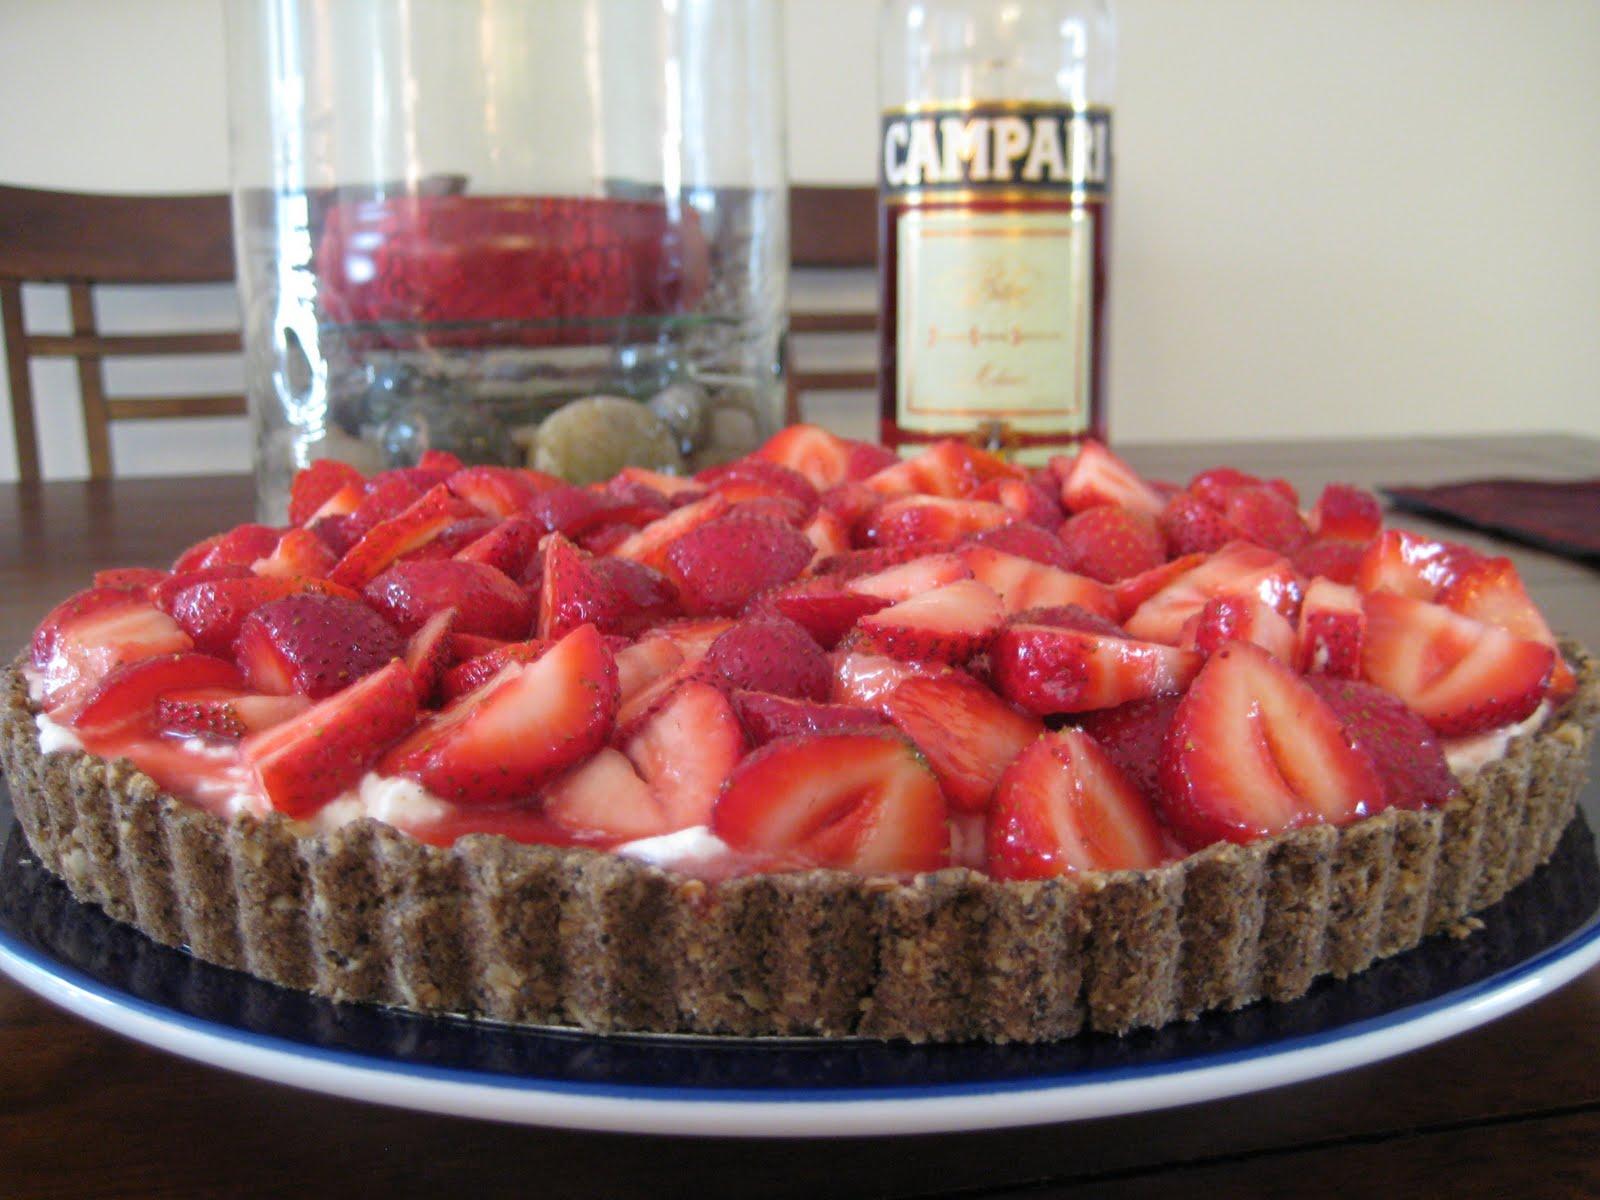 The Lush Chef: Strawberry Campari Tart